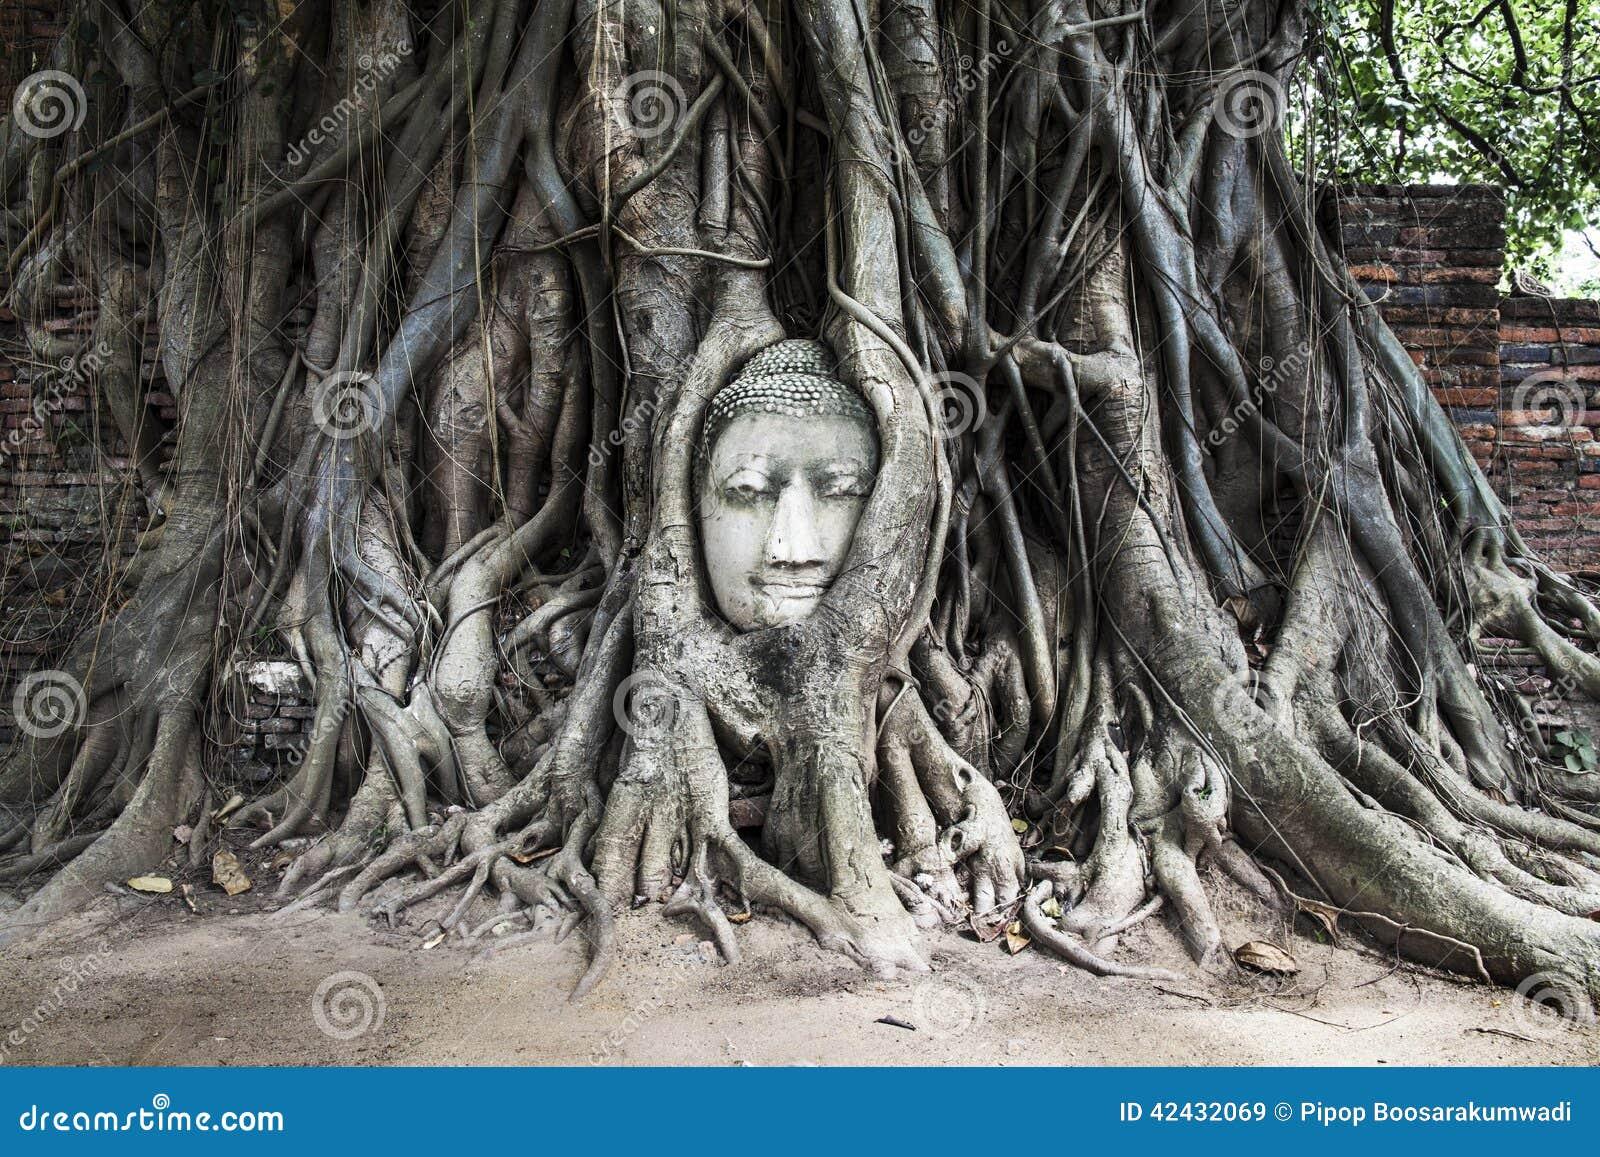 Jefe de la imagen de Buda en el árbol, Ayutthaya, Tailandia